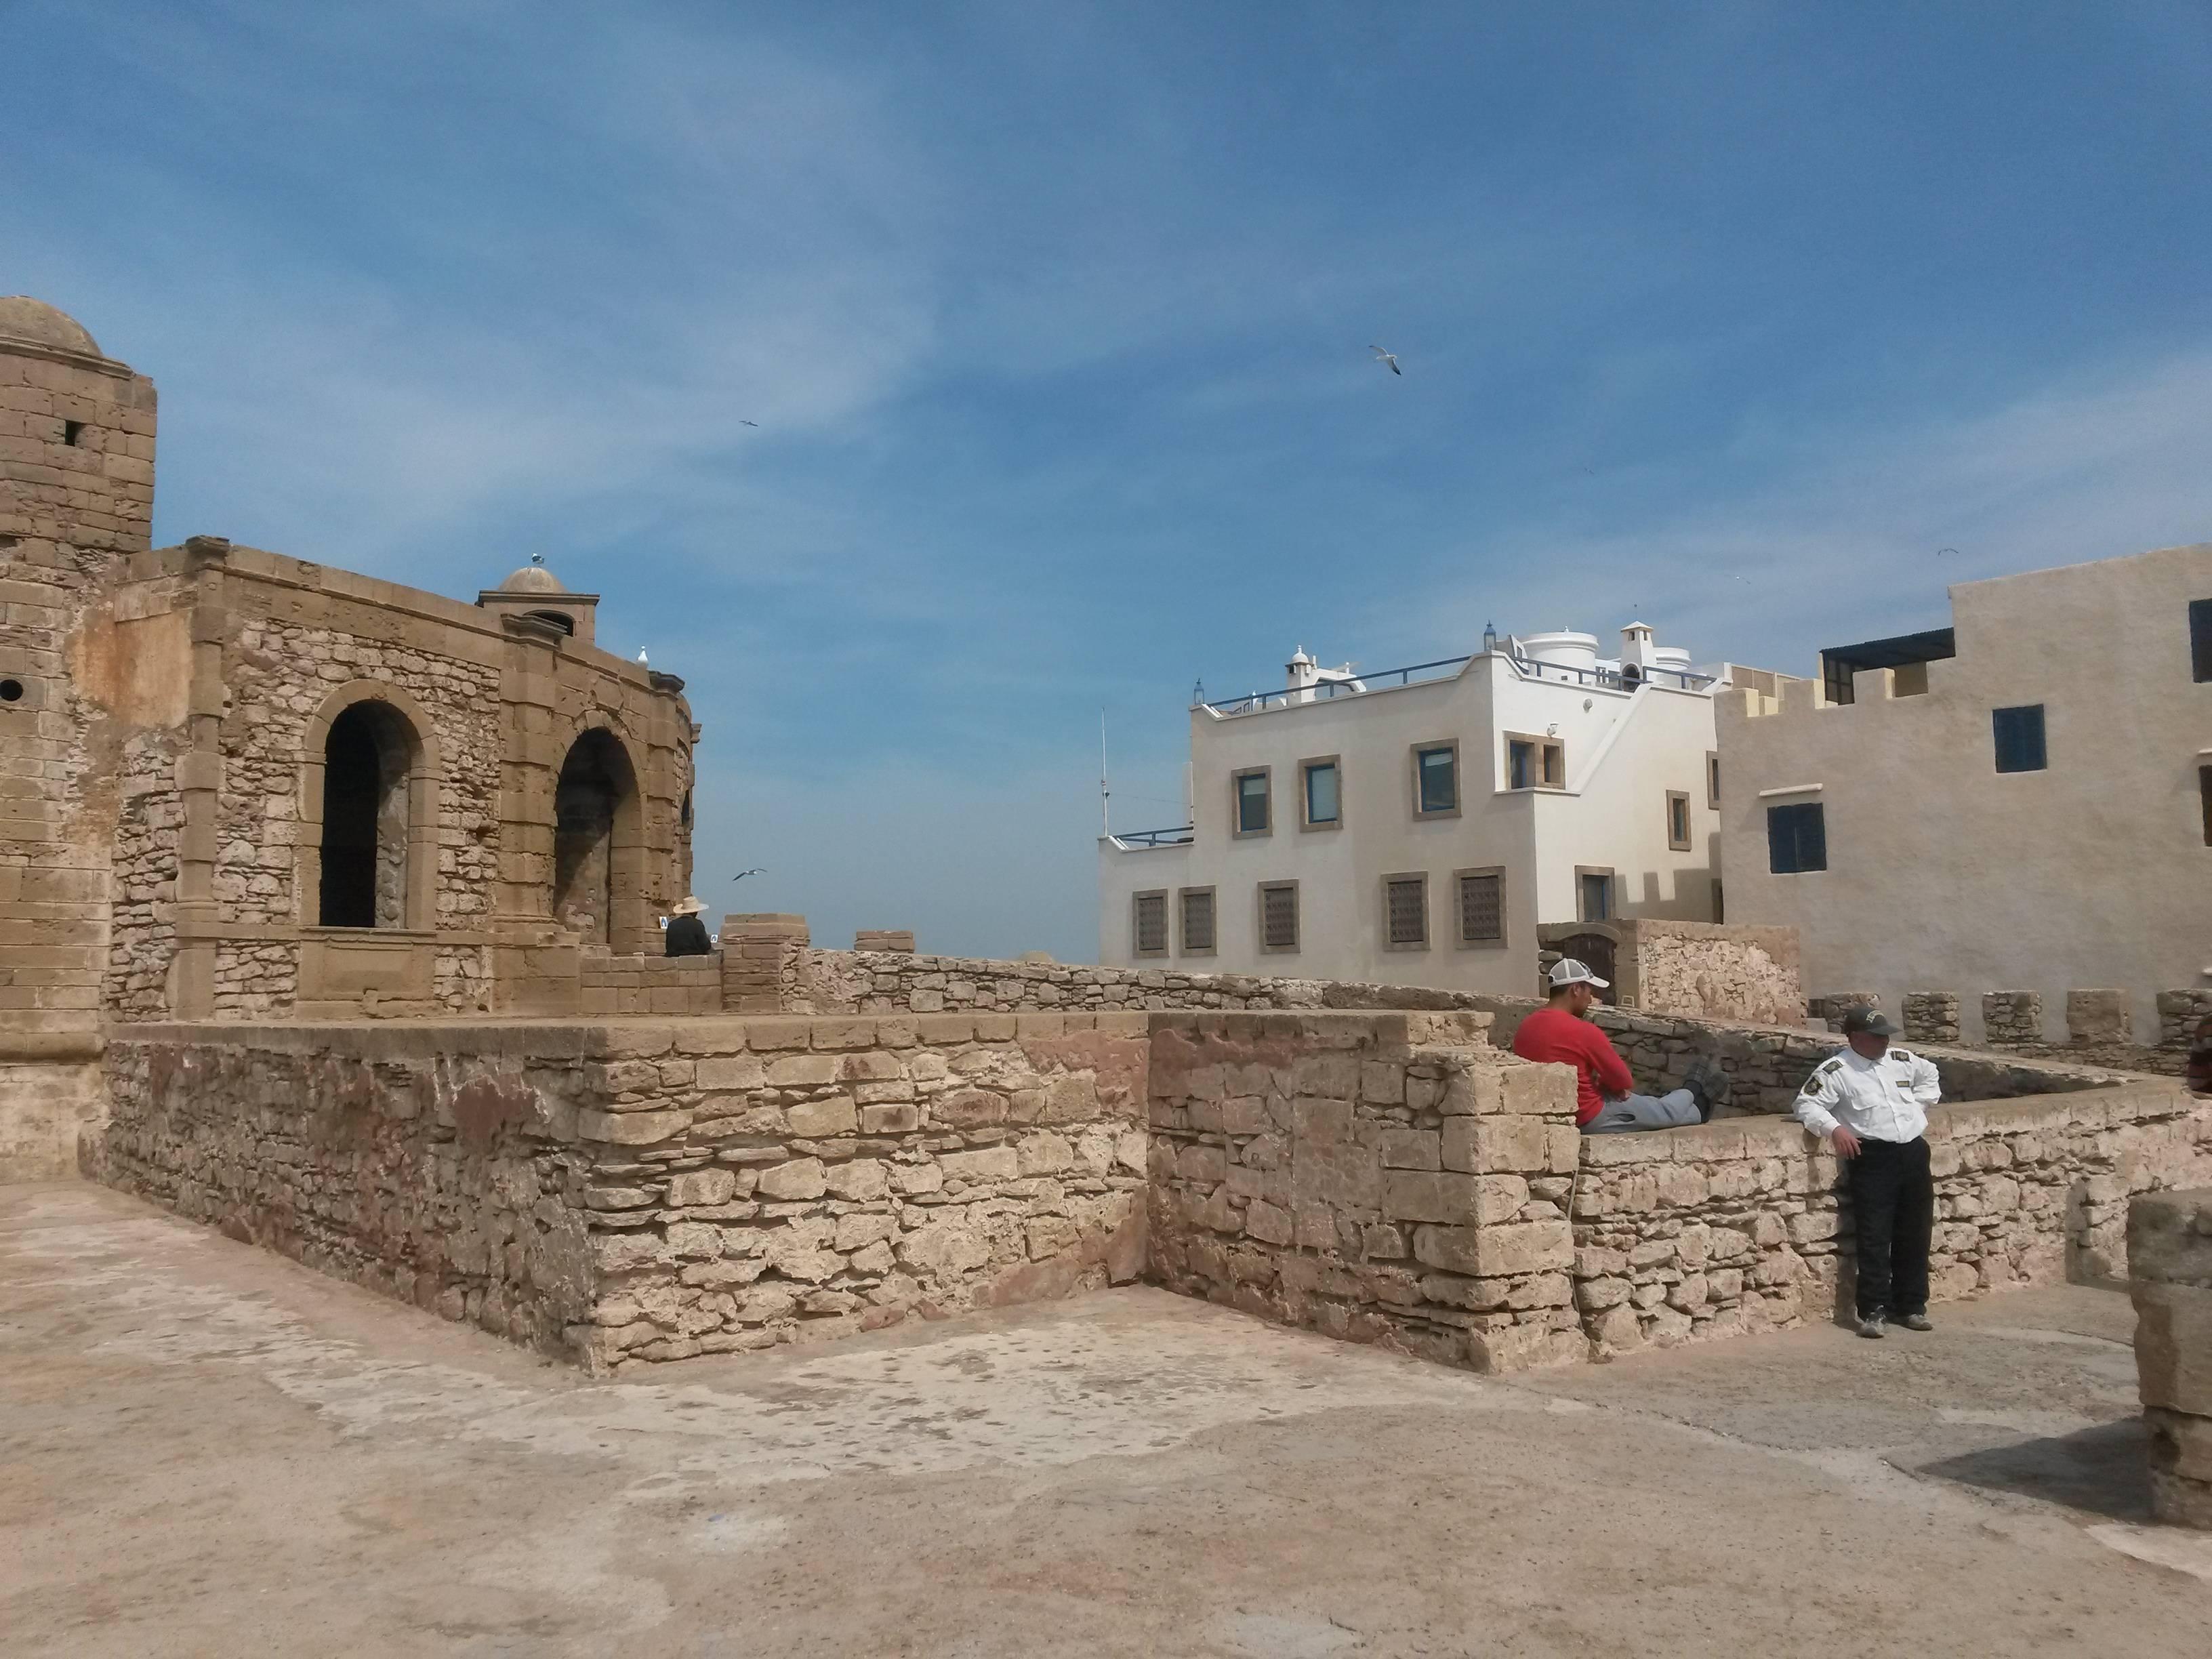 Photo 1: Une balade sur les remparts d'Essaouira